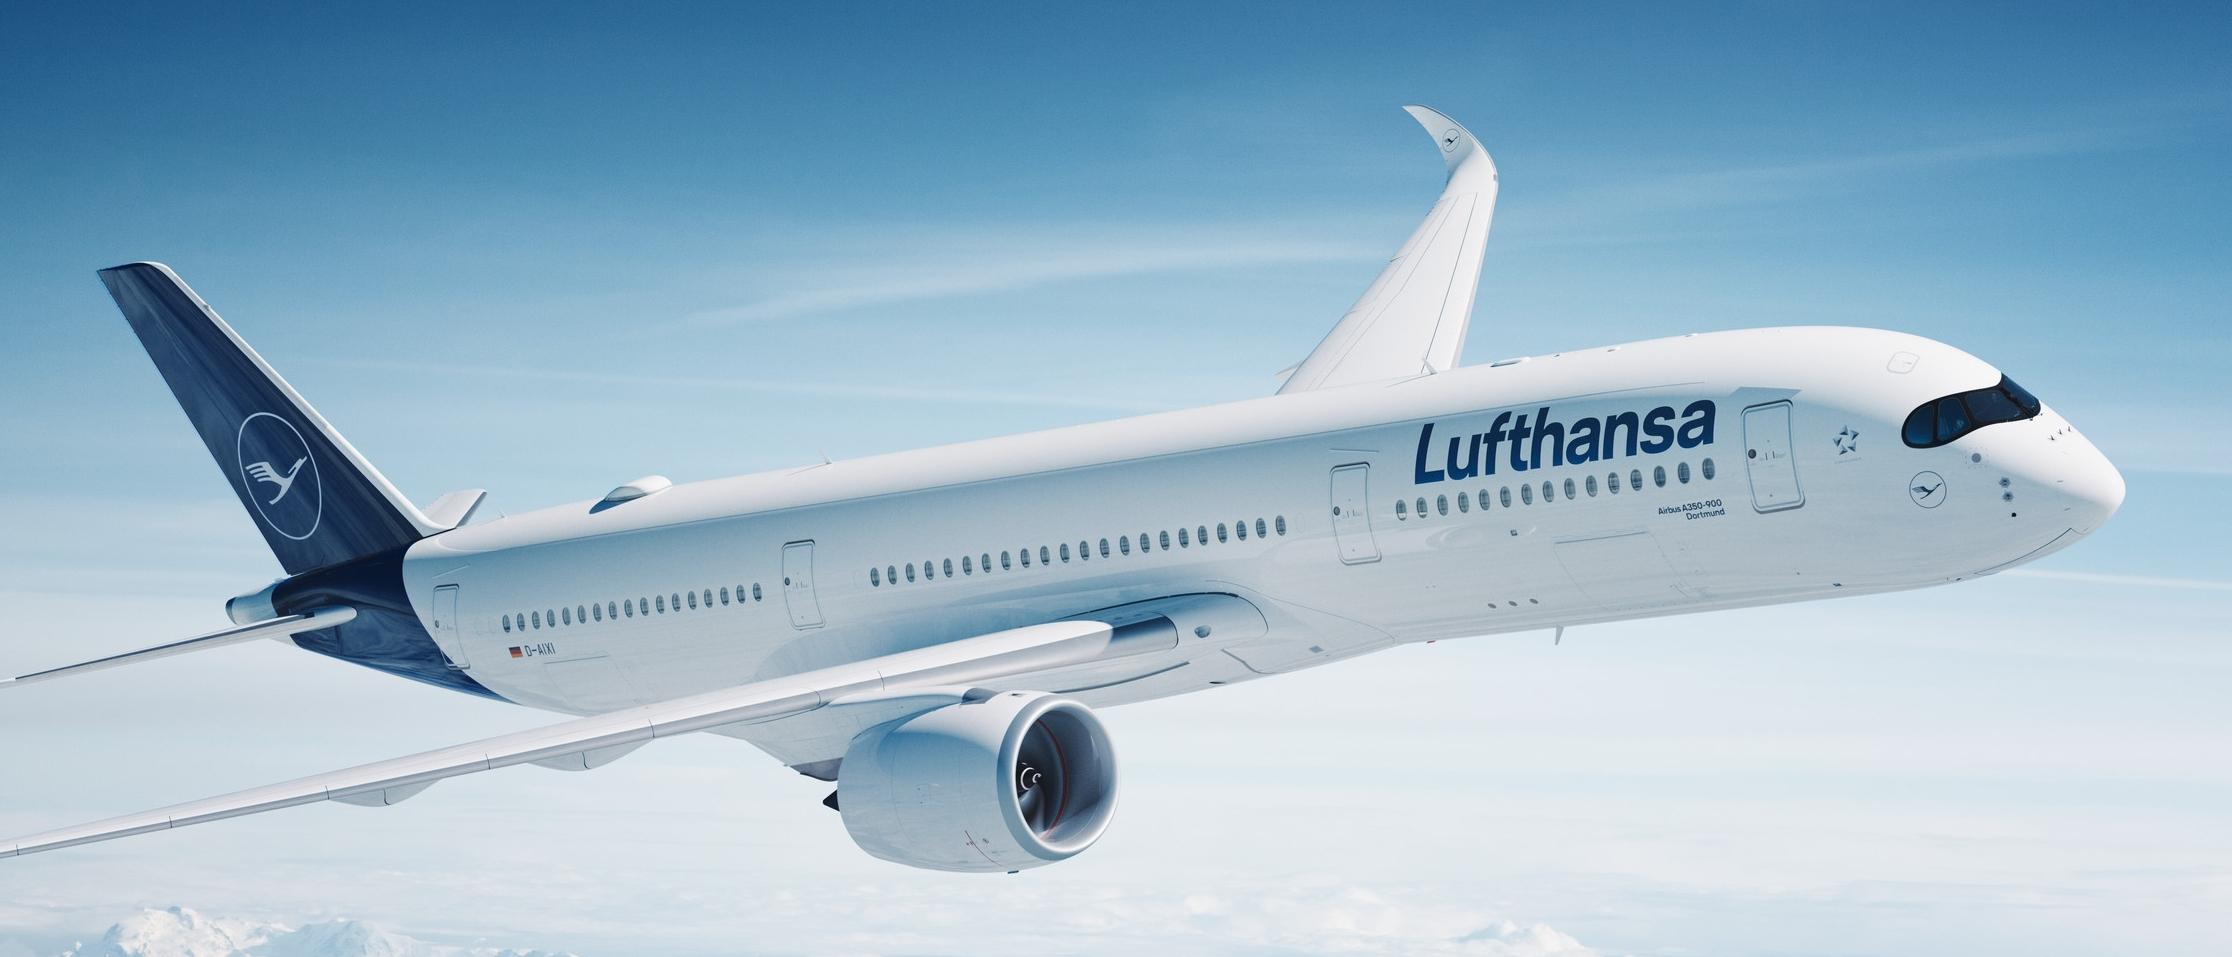 Η Lufthansa ανακοινώνει την έναρξη νέου απευθείας δρομολογίου για Θεσσαλονίκη από το Μόναχο για τον χειμώνα 2020